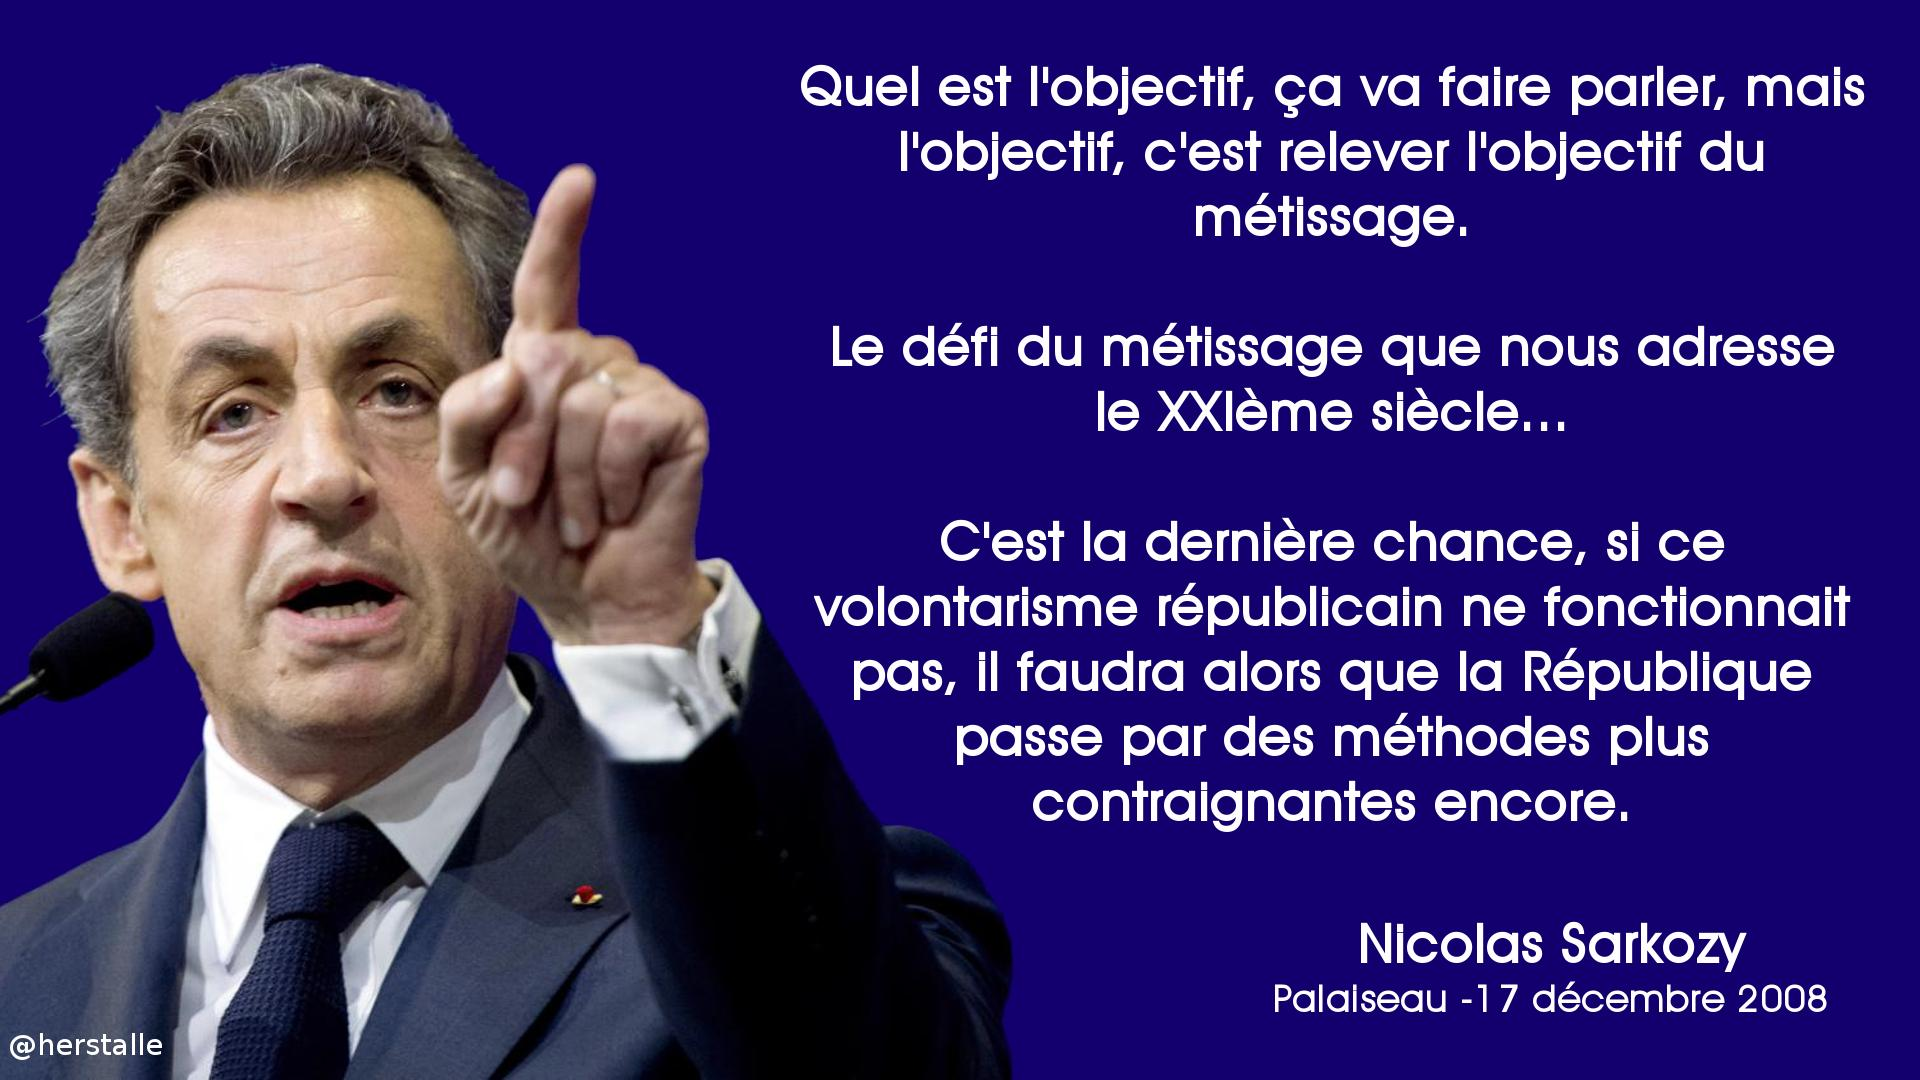 """Marc Herstalle on Twitter: """"N'oubliez pas... #Valls, #Sarkozy, même combat  : «mixité imposée» pour l'un, «métissage obligatoire» pour l'autre.  http://t.co/2zXYtYVsRs"""""""